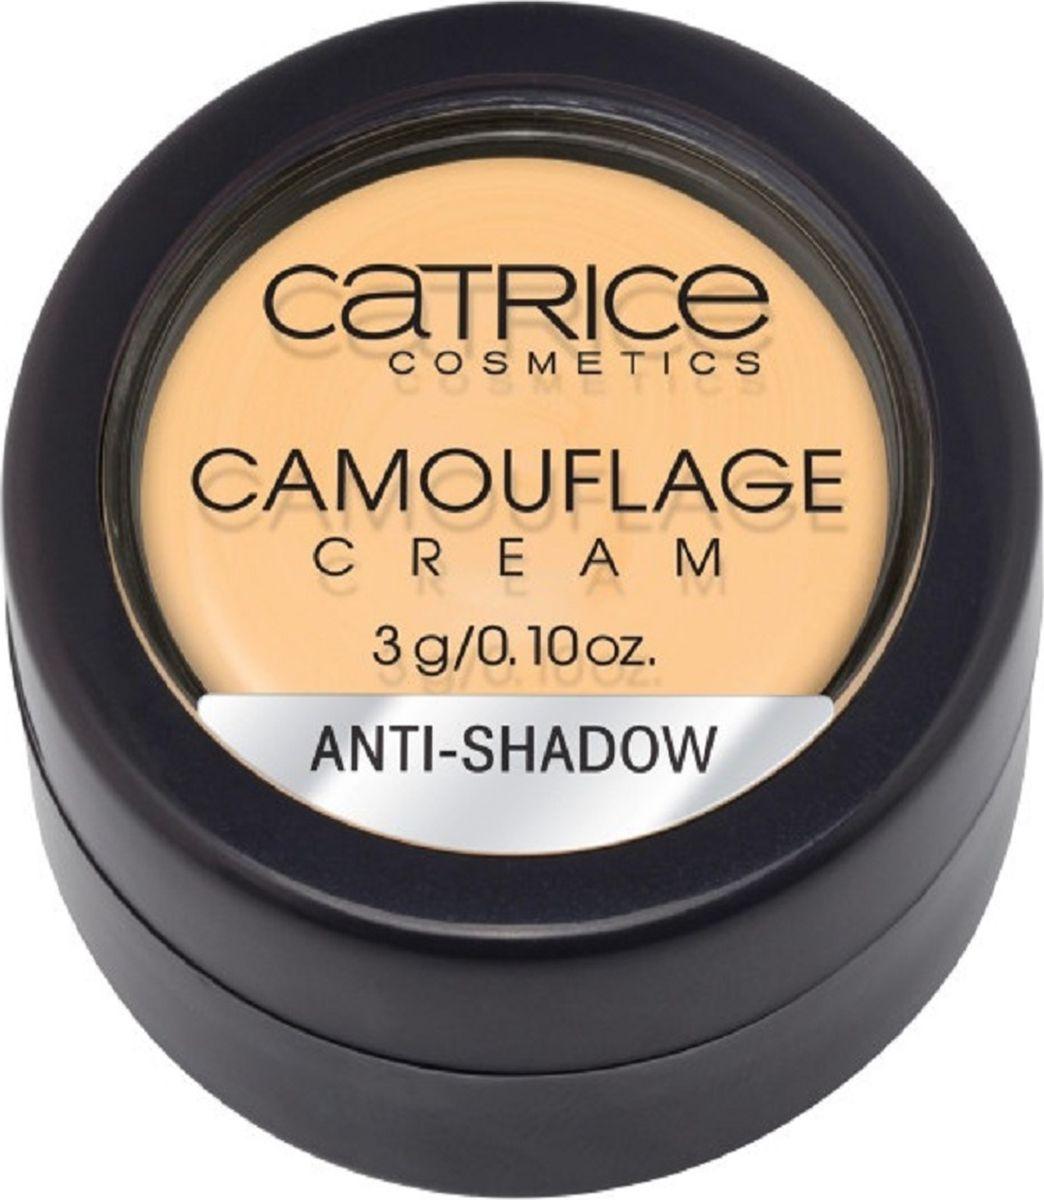 Catrice Консилер Camouflage Cream Anti-Shadow, 14 г6207EМатовый корректор Camouflage Cream нейтрализует и перекрывает любые совершенства кожи. Стойкая текстура и непревзойденные маскирующие свойства в сочетании с мягкой, легко поддающейся растушевке кремовой текстурой, гарантируют безупречный результат: идеально ровный тон кожи без видимых недостатков.